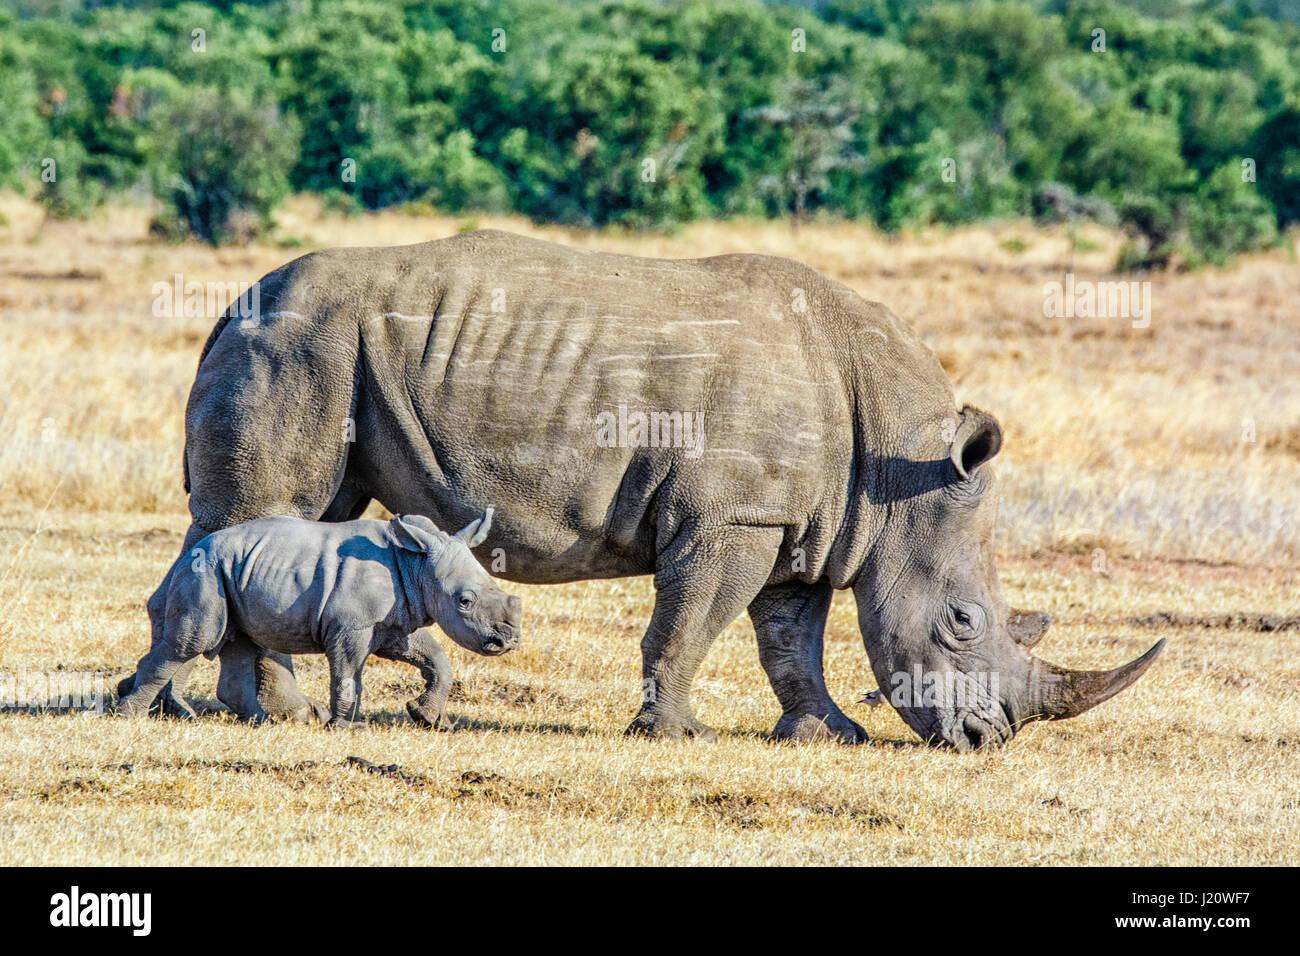 Adulto del rinoceronte blanco Ceratotherium simum, con pequeñas en la pantorrilla, Ol Pejeta Conservancy, Kenia, Imagen De Stock